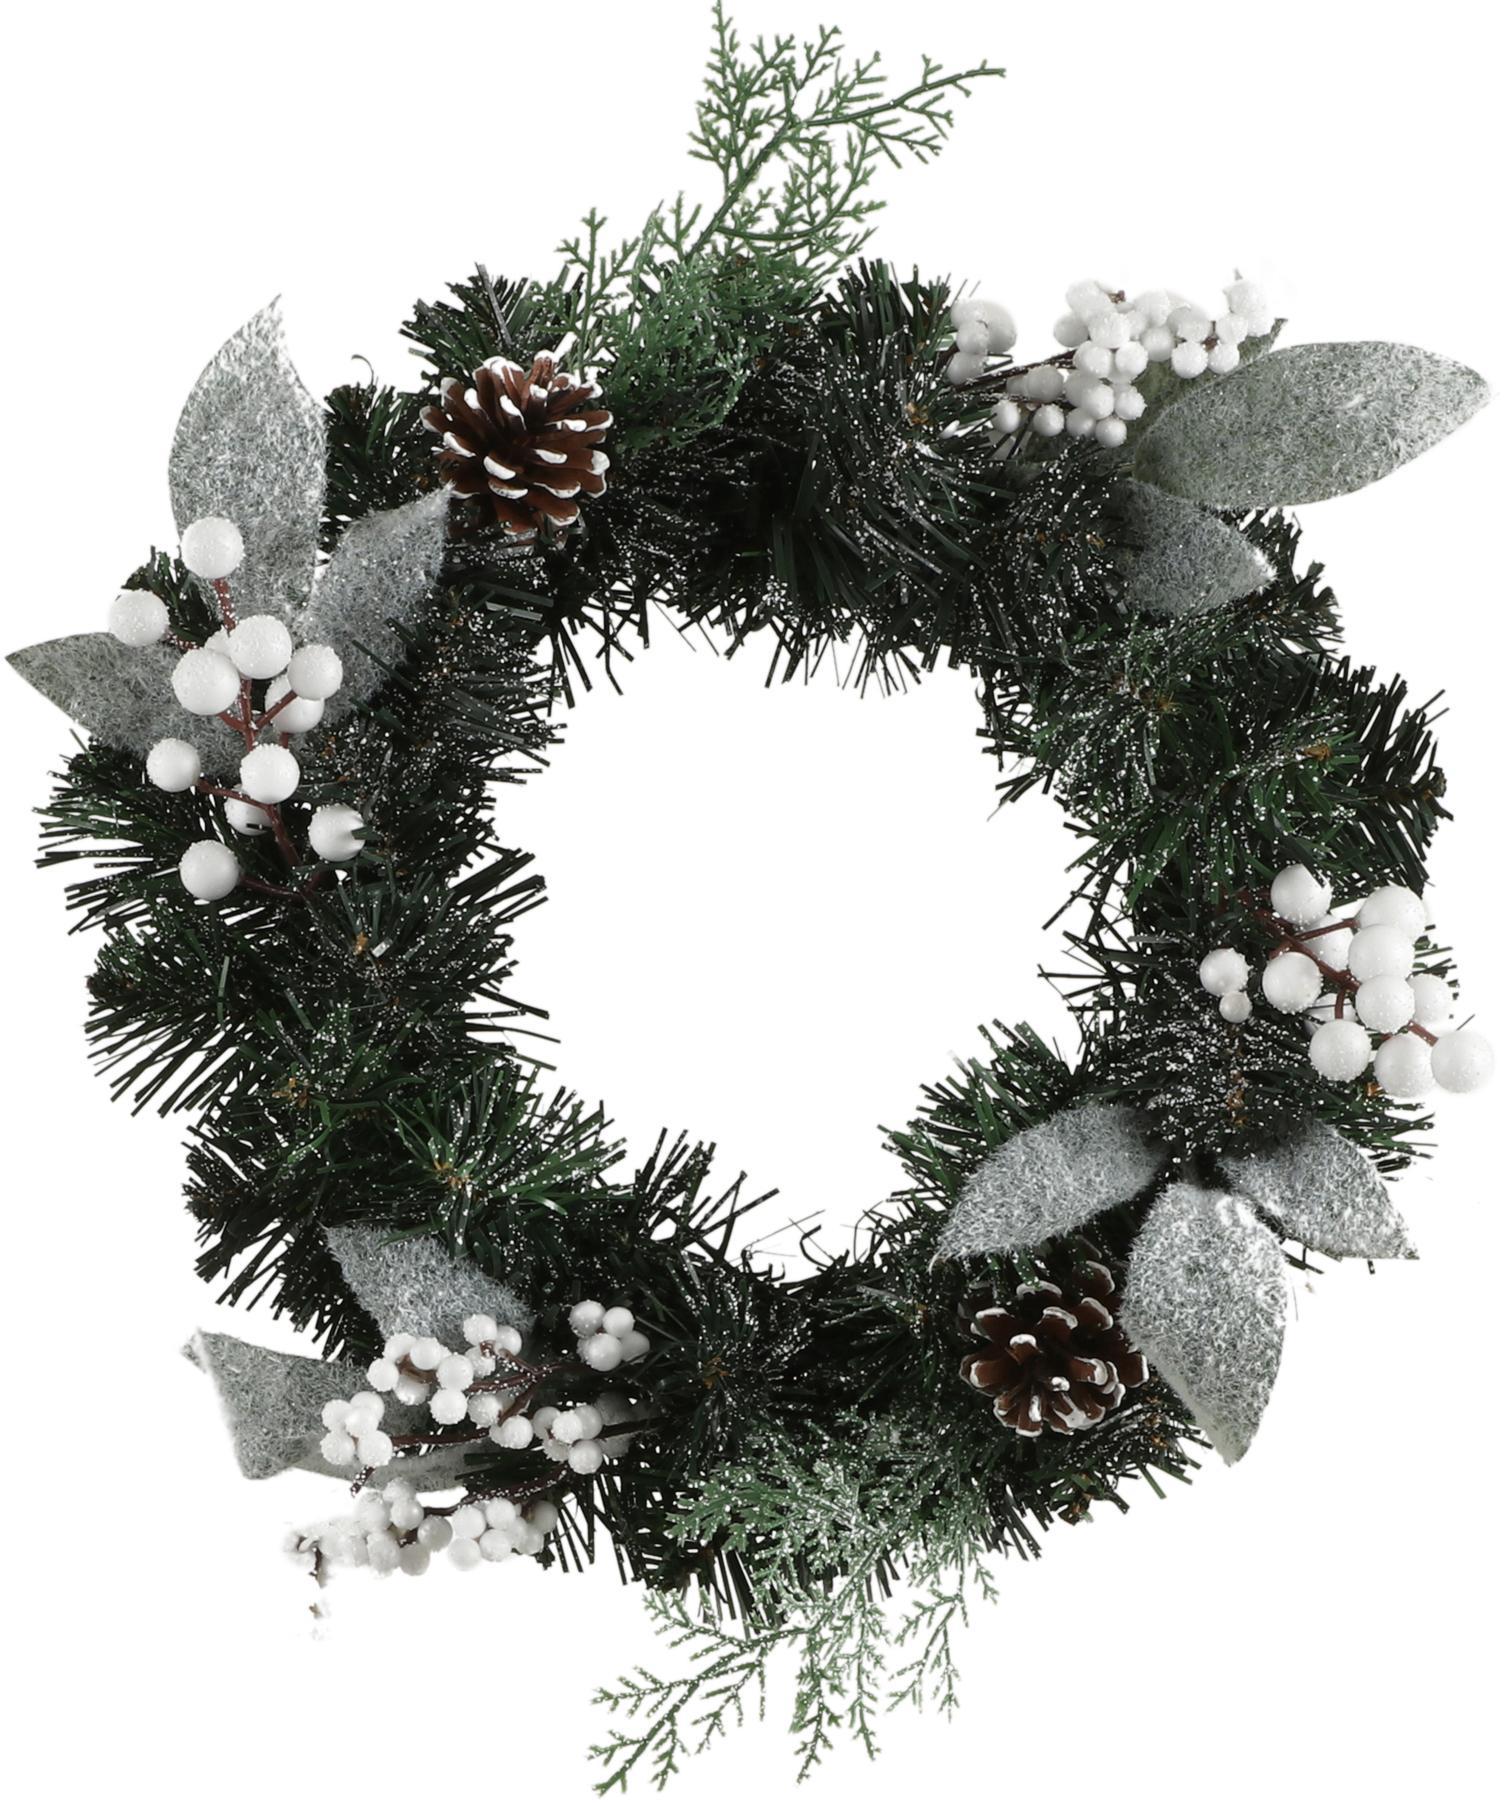 Sztuczny wieniec dekoracyjny Hailey, Tworzywo sztuczne, Zielony, biały, odcienie srebrnego, Ø 30 cm